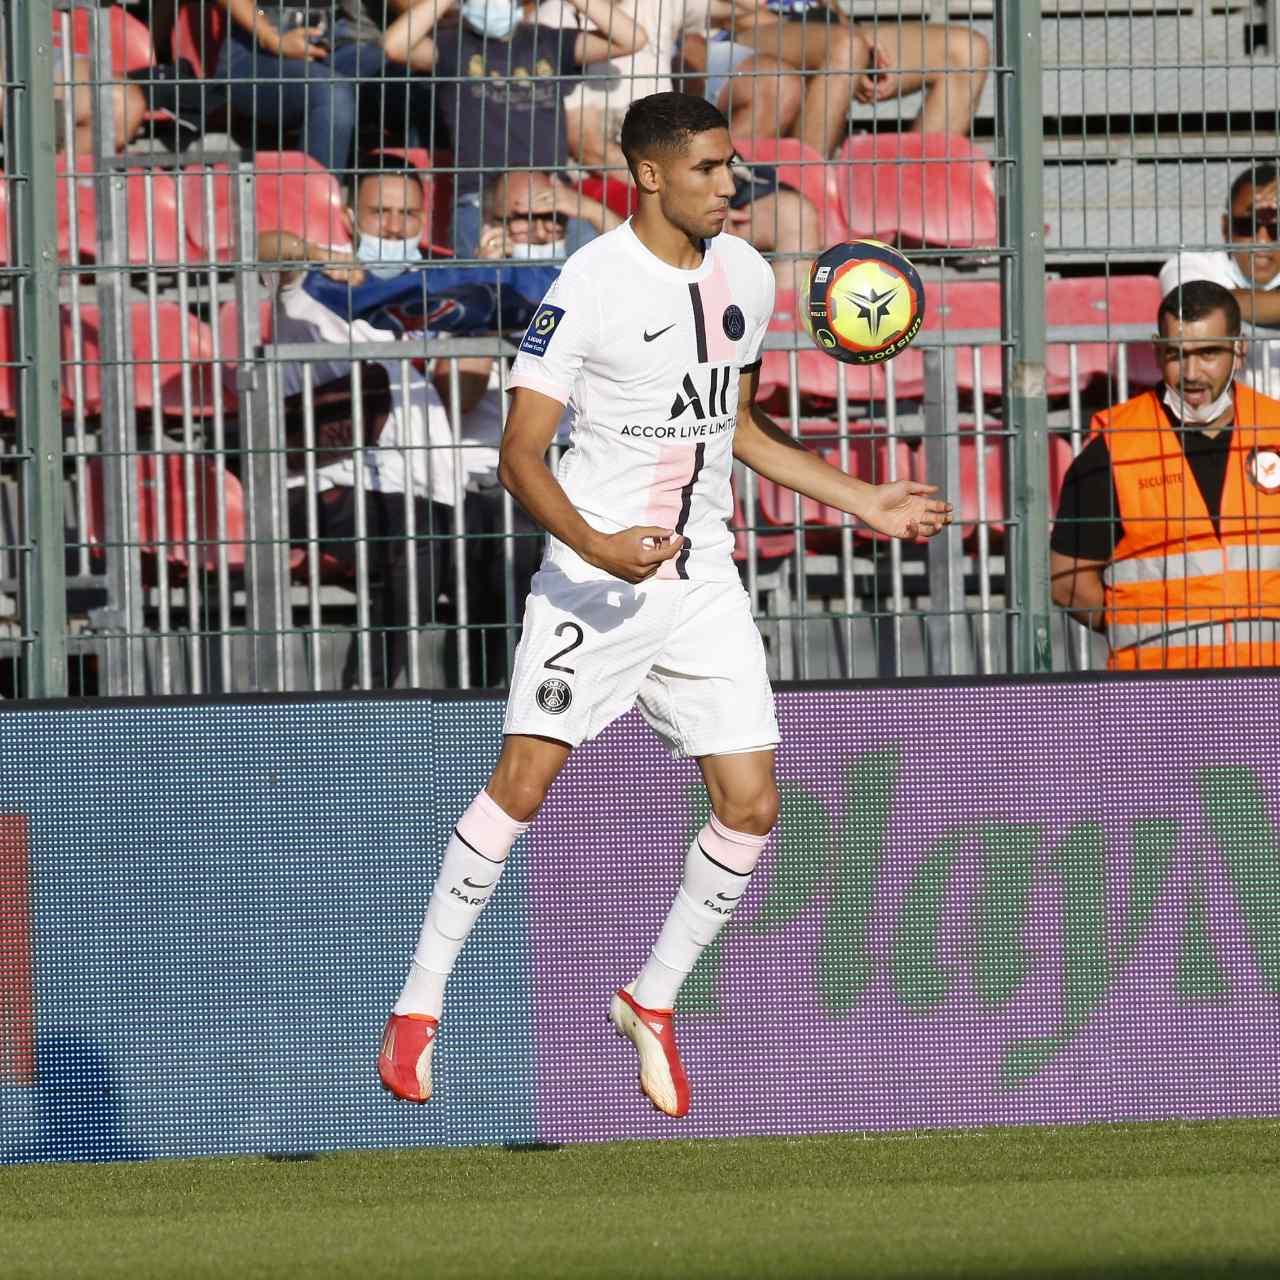 友谊赛:巴黎1-0奥尔良,阿什拉夫破门,小德多次造威胁